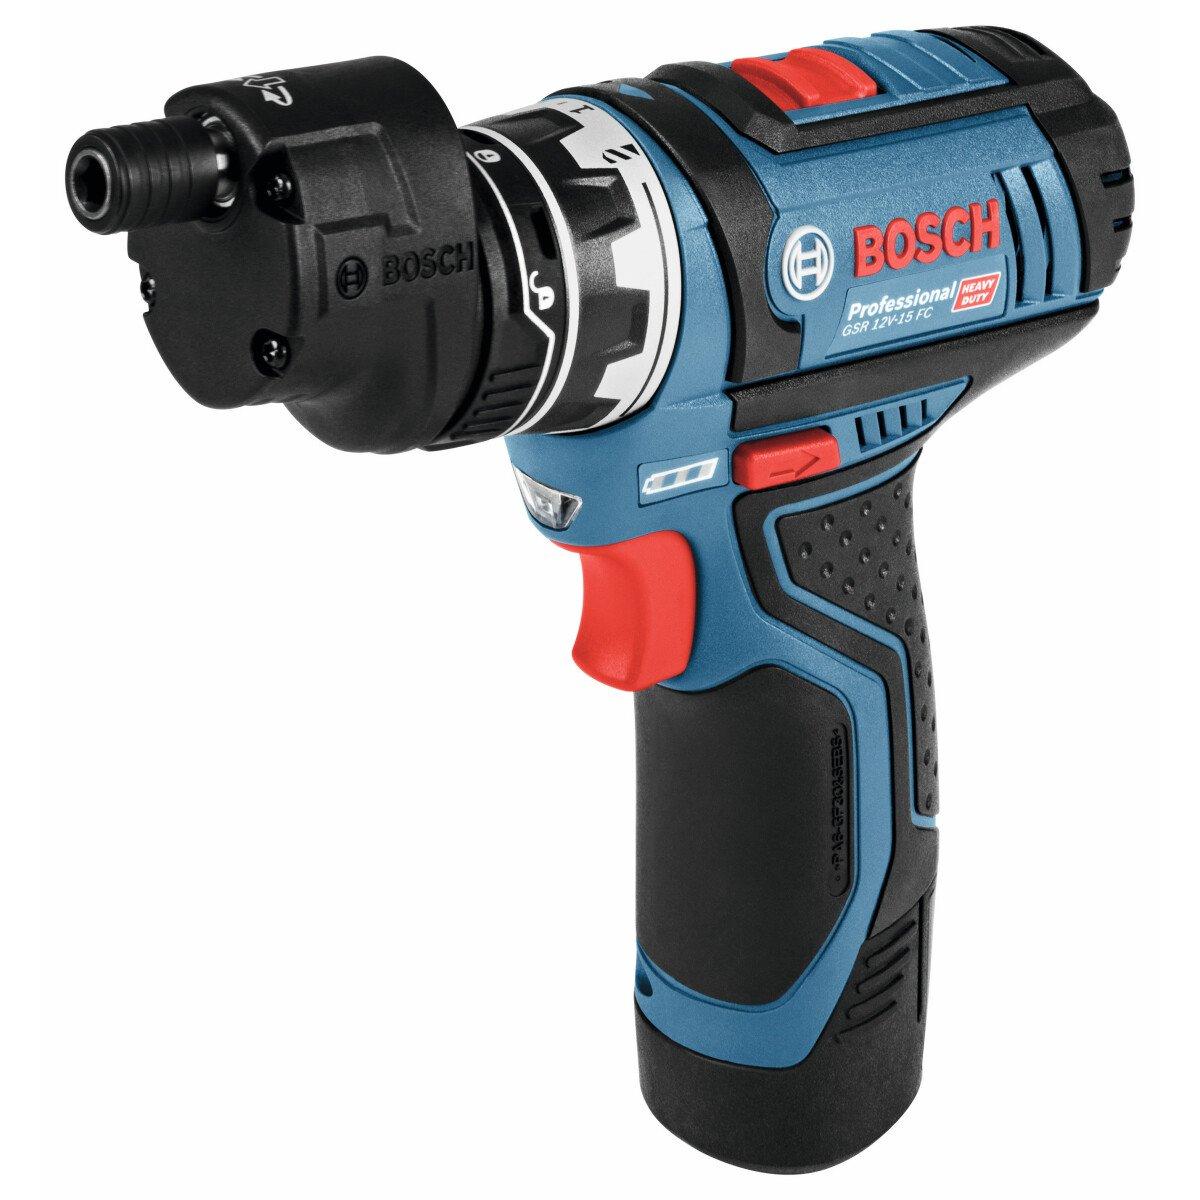 Bosch GSR12V-15FC 12v/10.8v Cordless Drill Driver  (2 x 2.0 Ah, AL 1230 CV, L-BOXX) + GFA Chuck